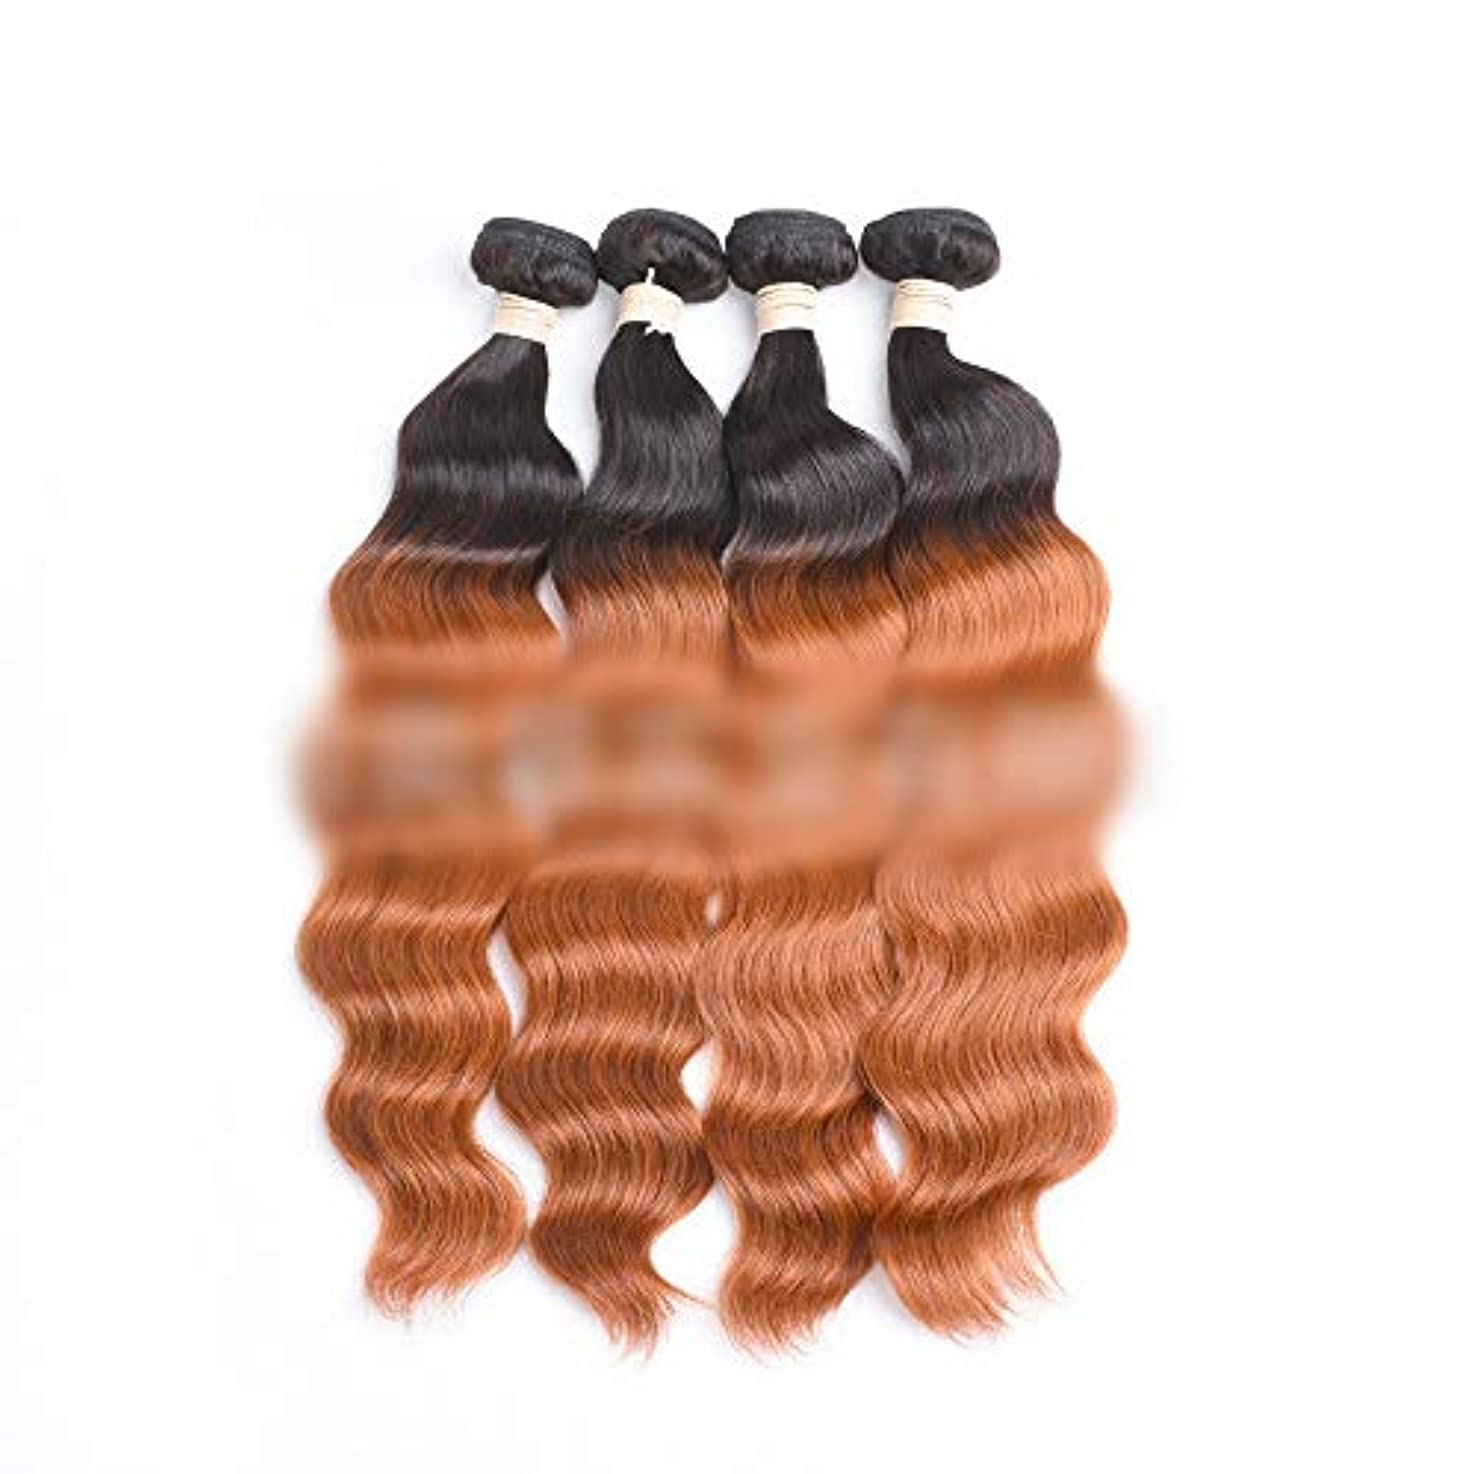 ヒョウ不適代名詞HOHYLLYA ブラジルのオーシャンウェーブヘア1バンドル未処理の人間の髪の毛の拡張子 - #30明るい茶色の色ロールプレイングかつら女性の自然なかつら (色 : ブラウン, サイズ : 14 inch)